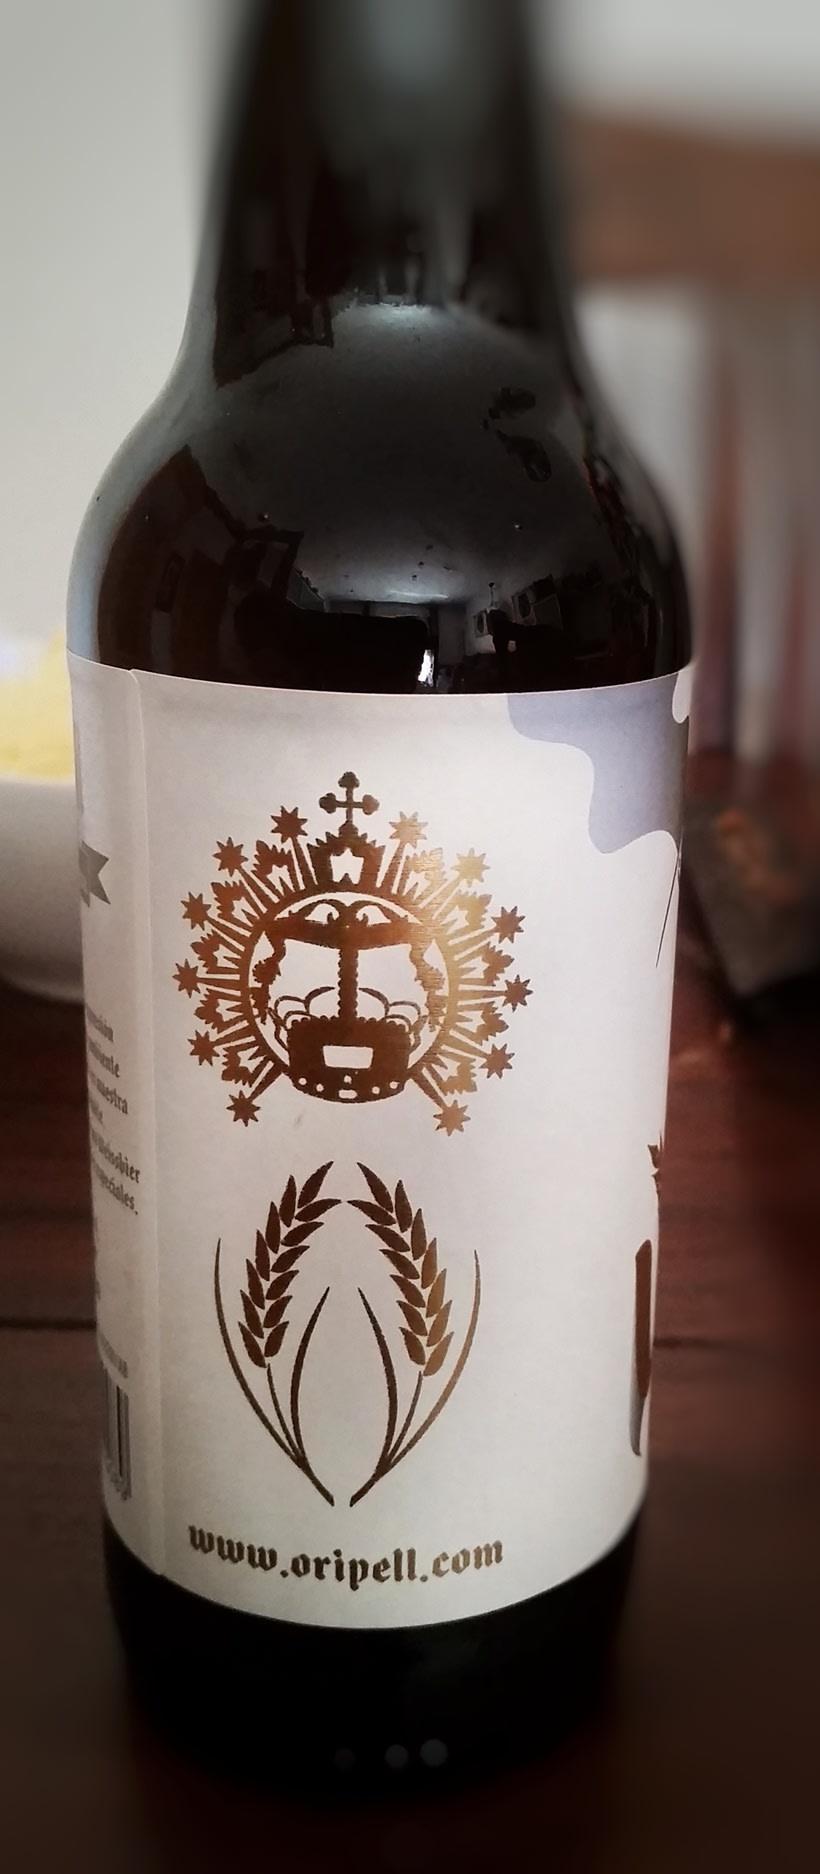 Vespra. Cerveza artesana de trigo. 2